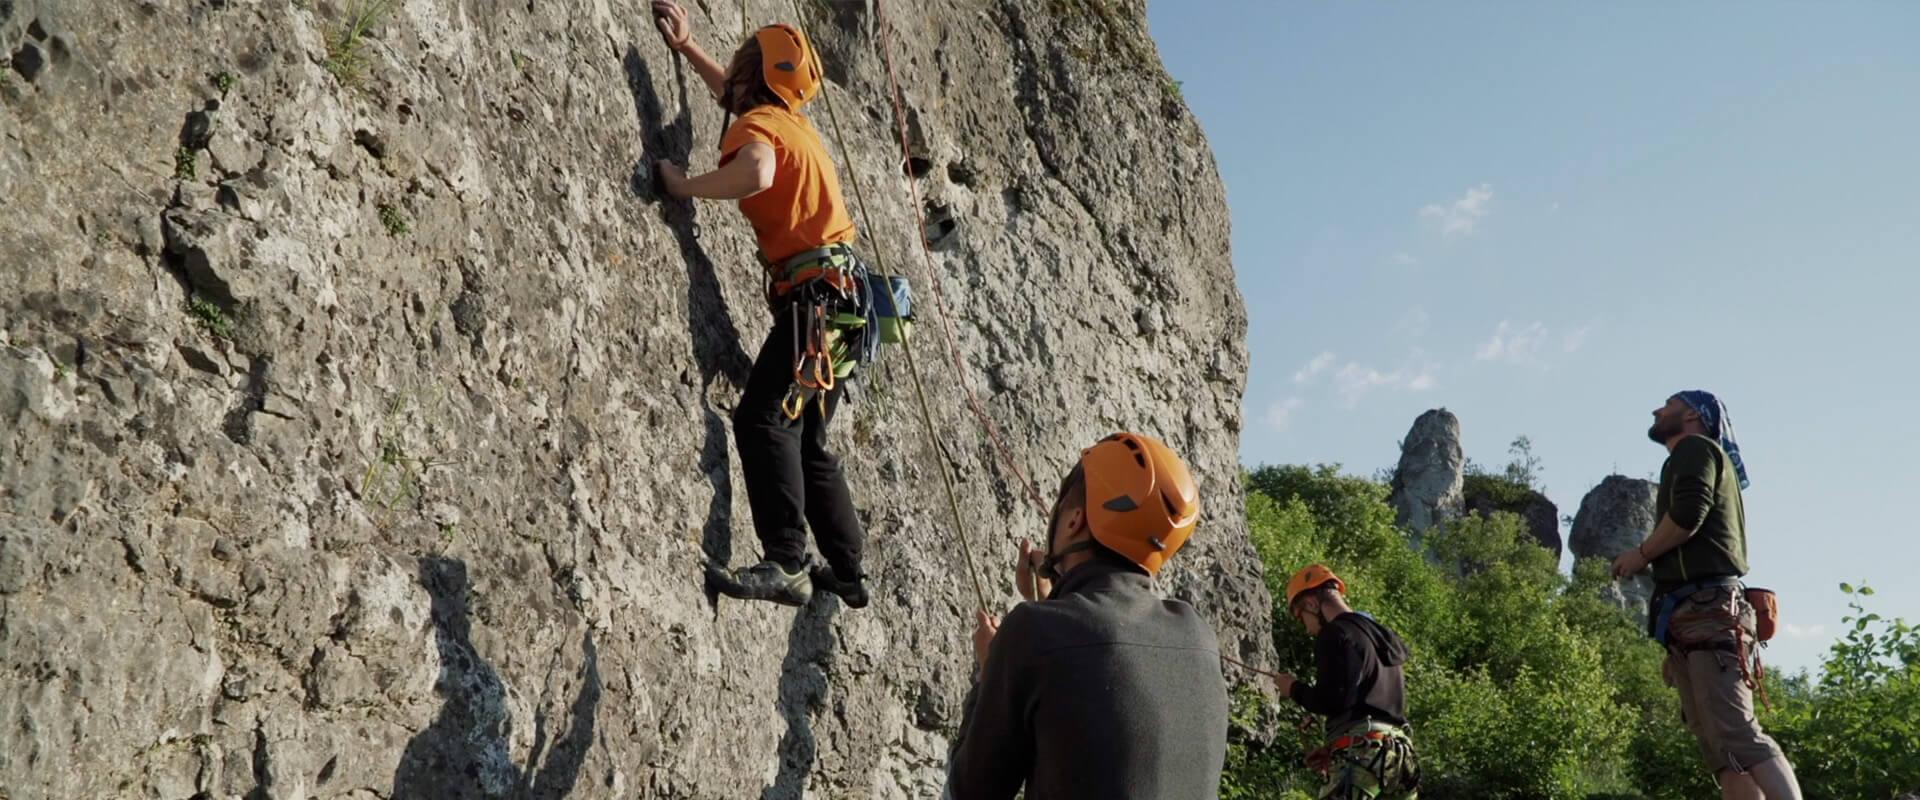 wspinacze na skałkach